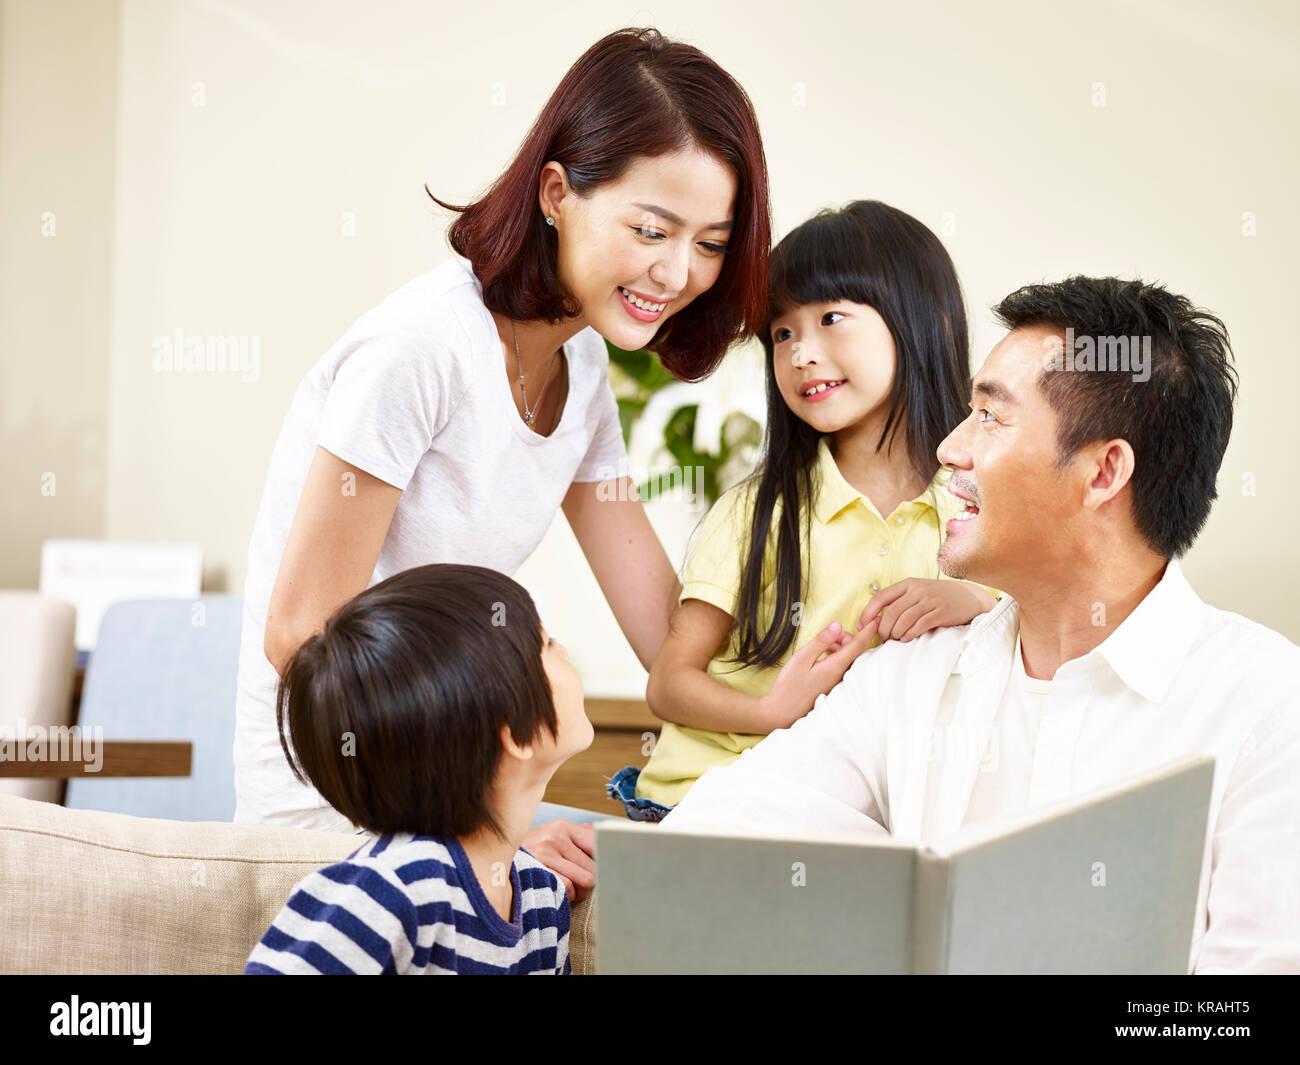 Les parents asiatiques mère et père et deux enfants fils et fille de la lecture d'un livre qui raconte Photo Stock